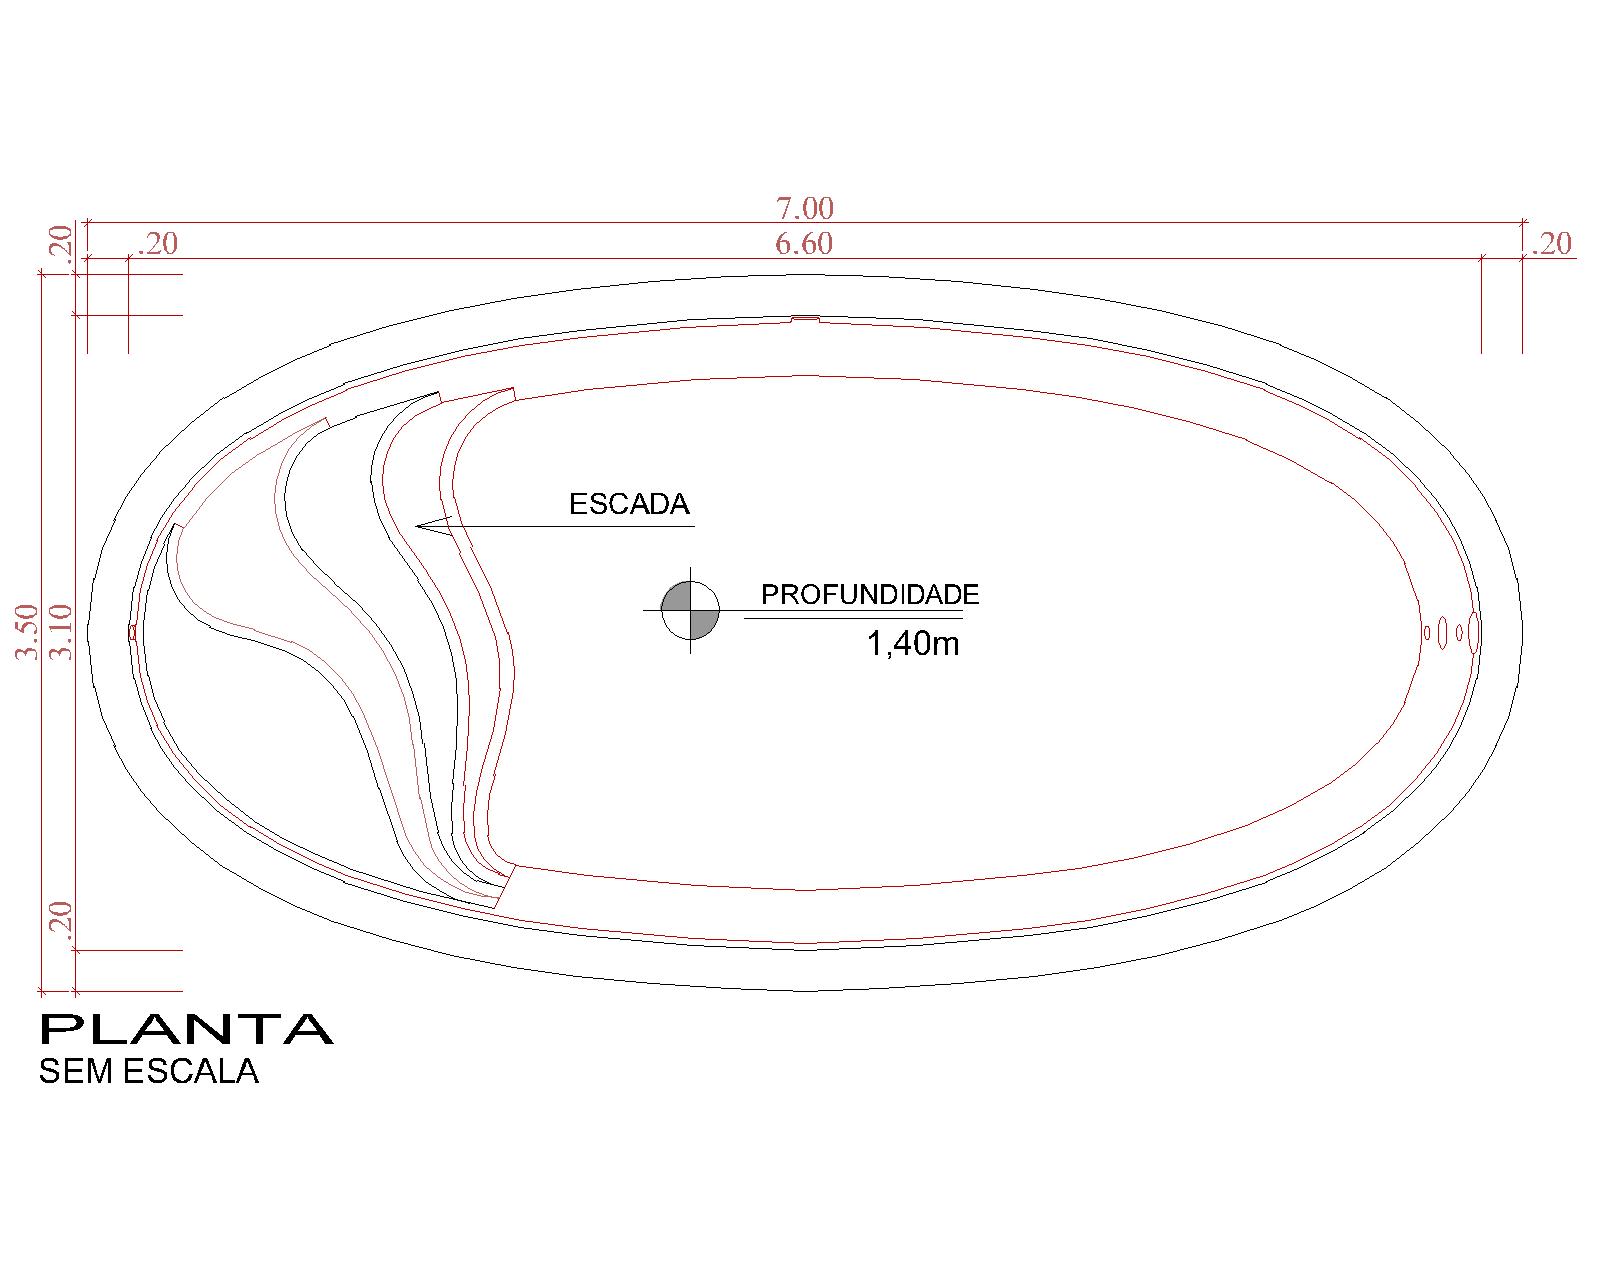 Desenho técnico Rocas (sem escala)